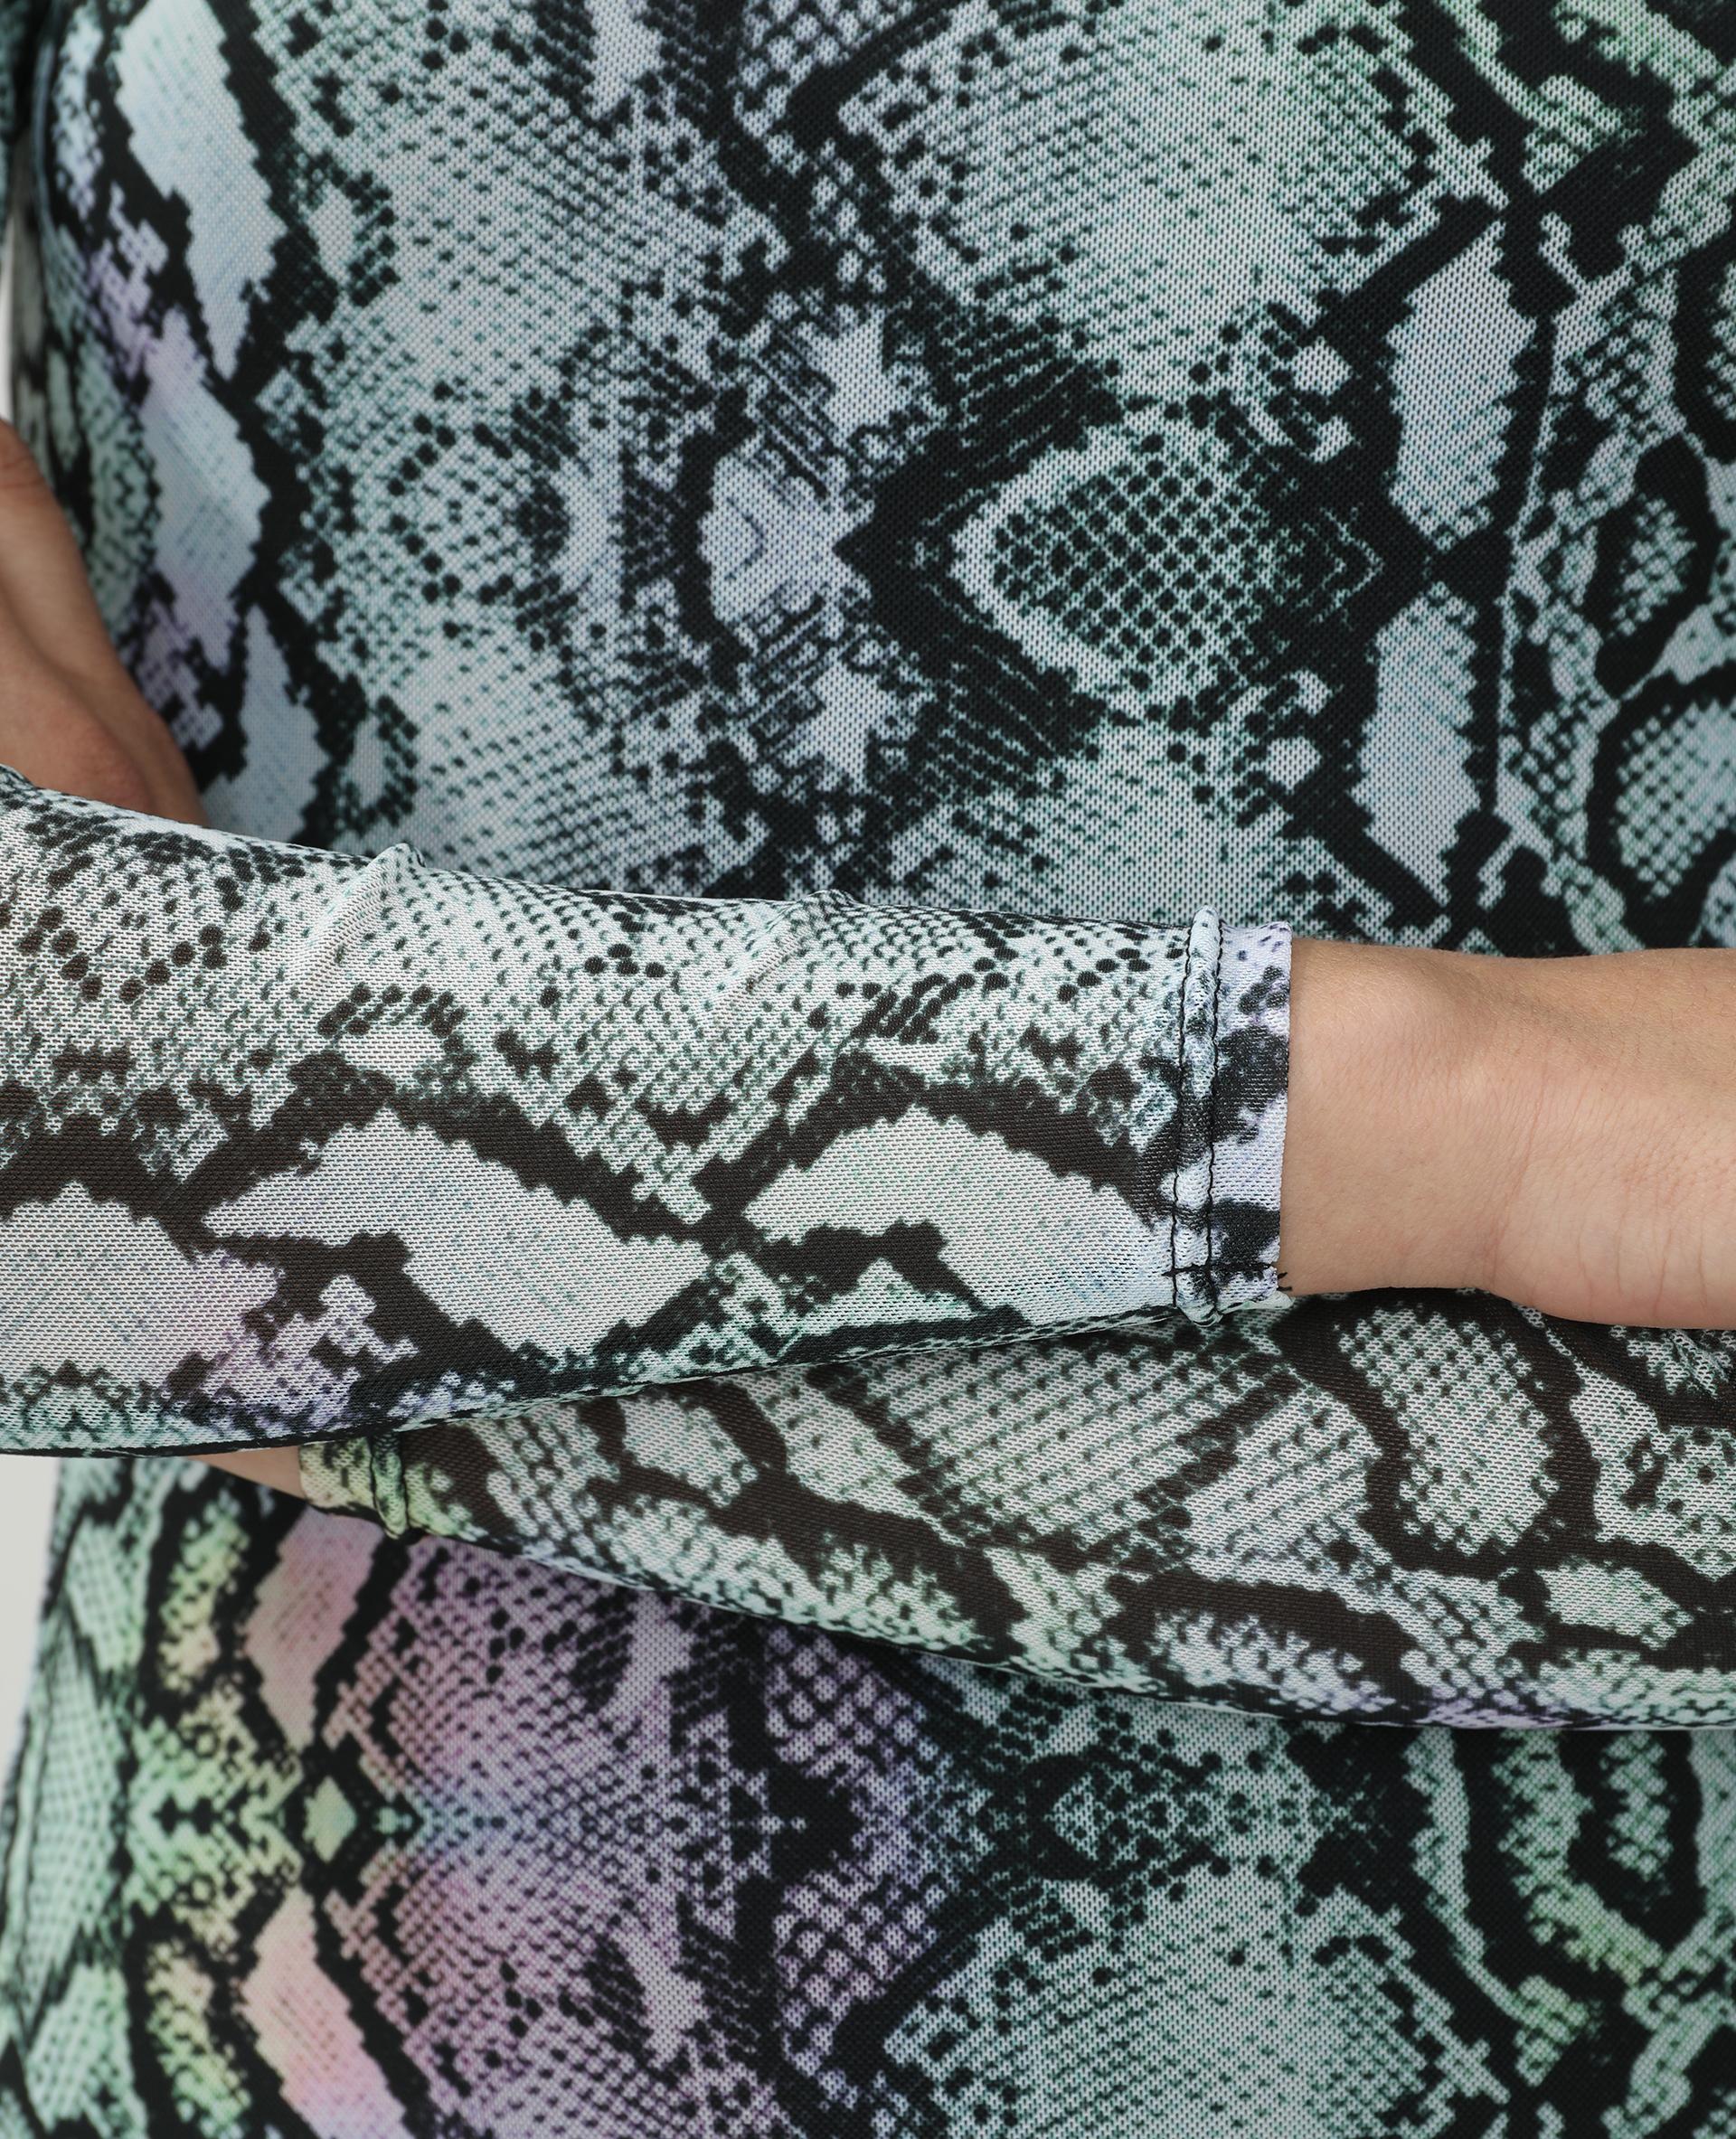 Robe et chauffe épaule motif python bleu - Pimkie